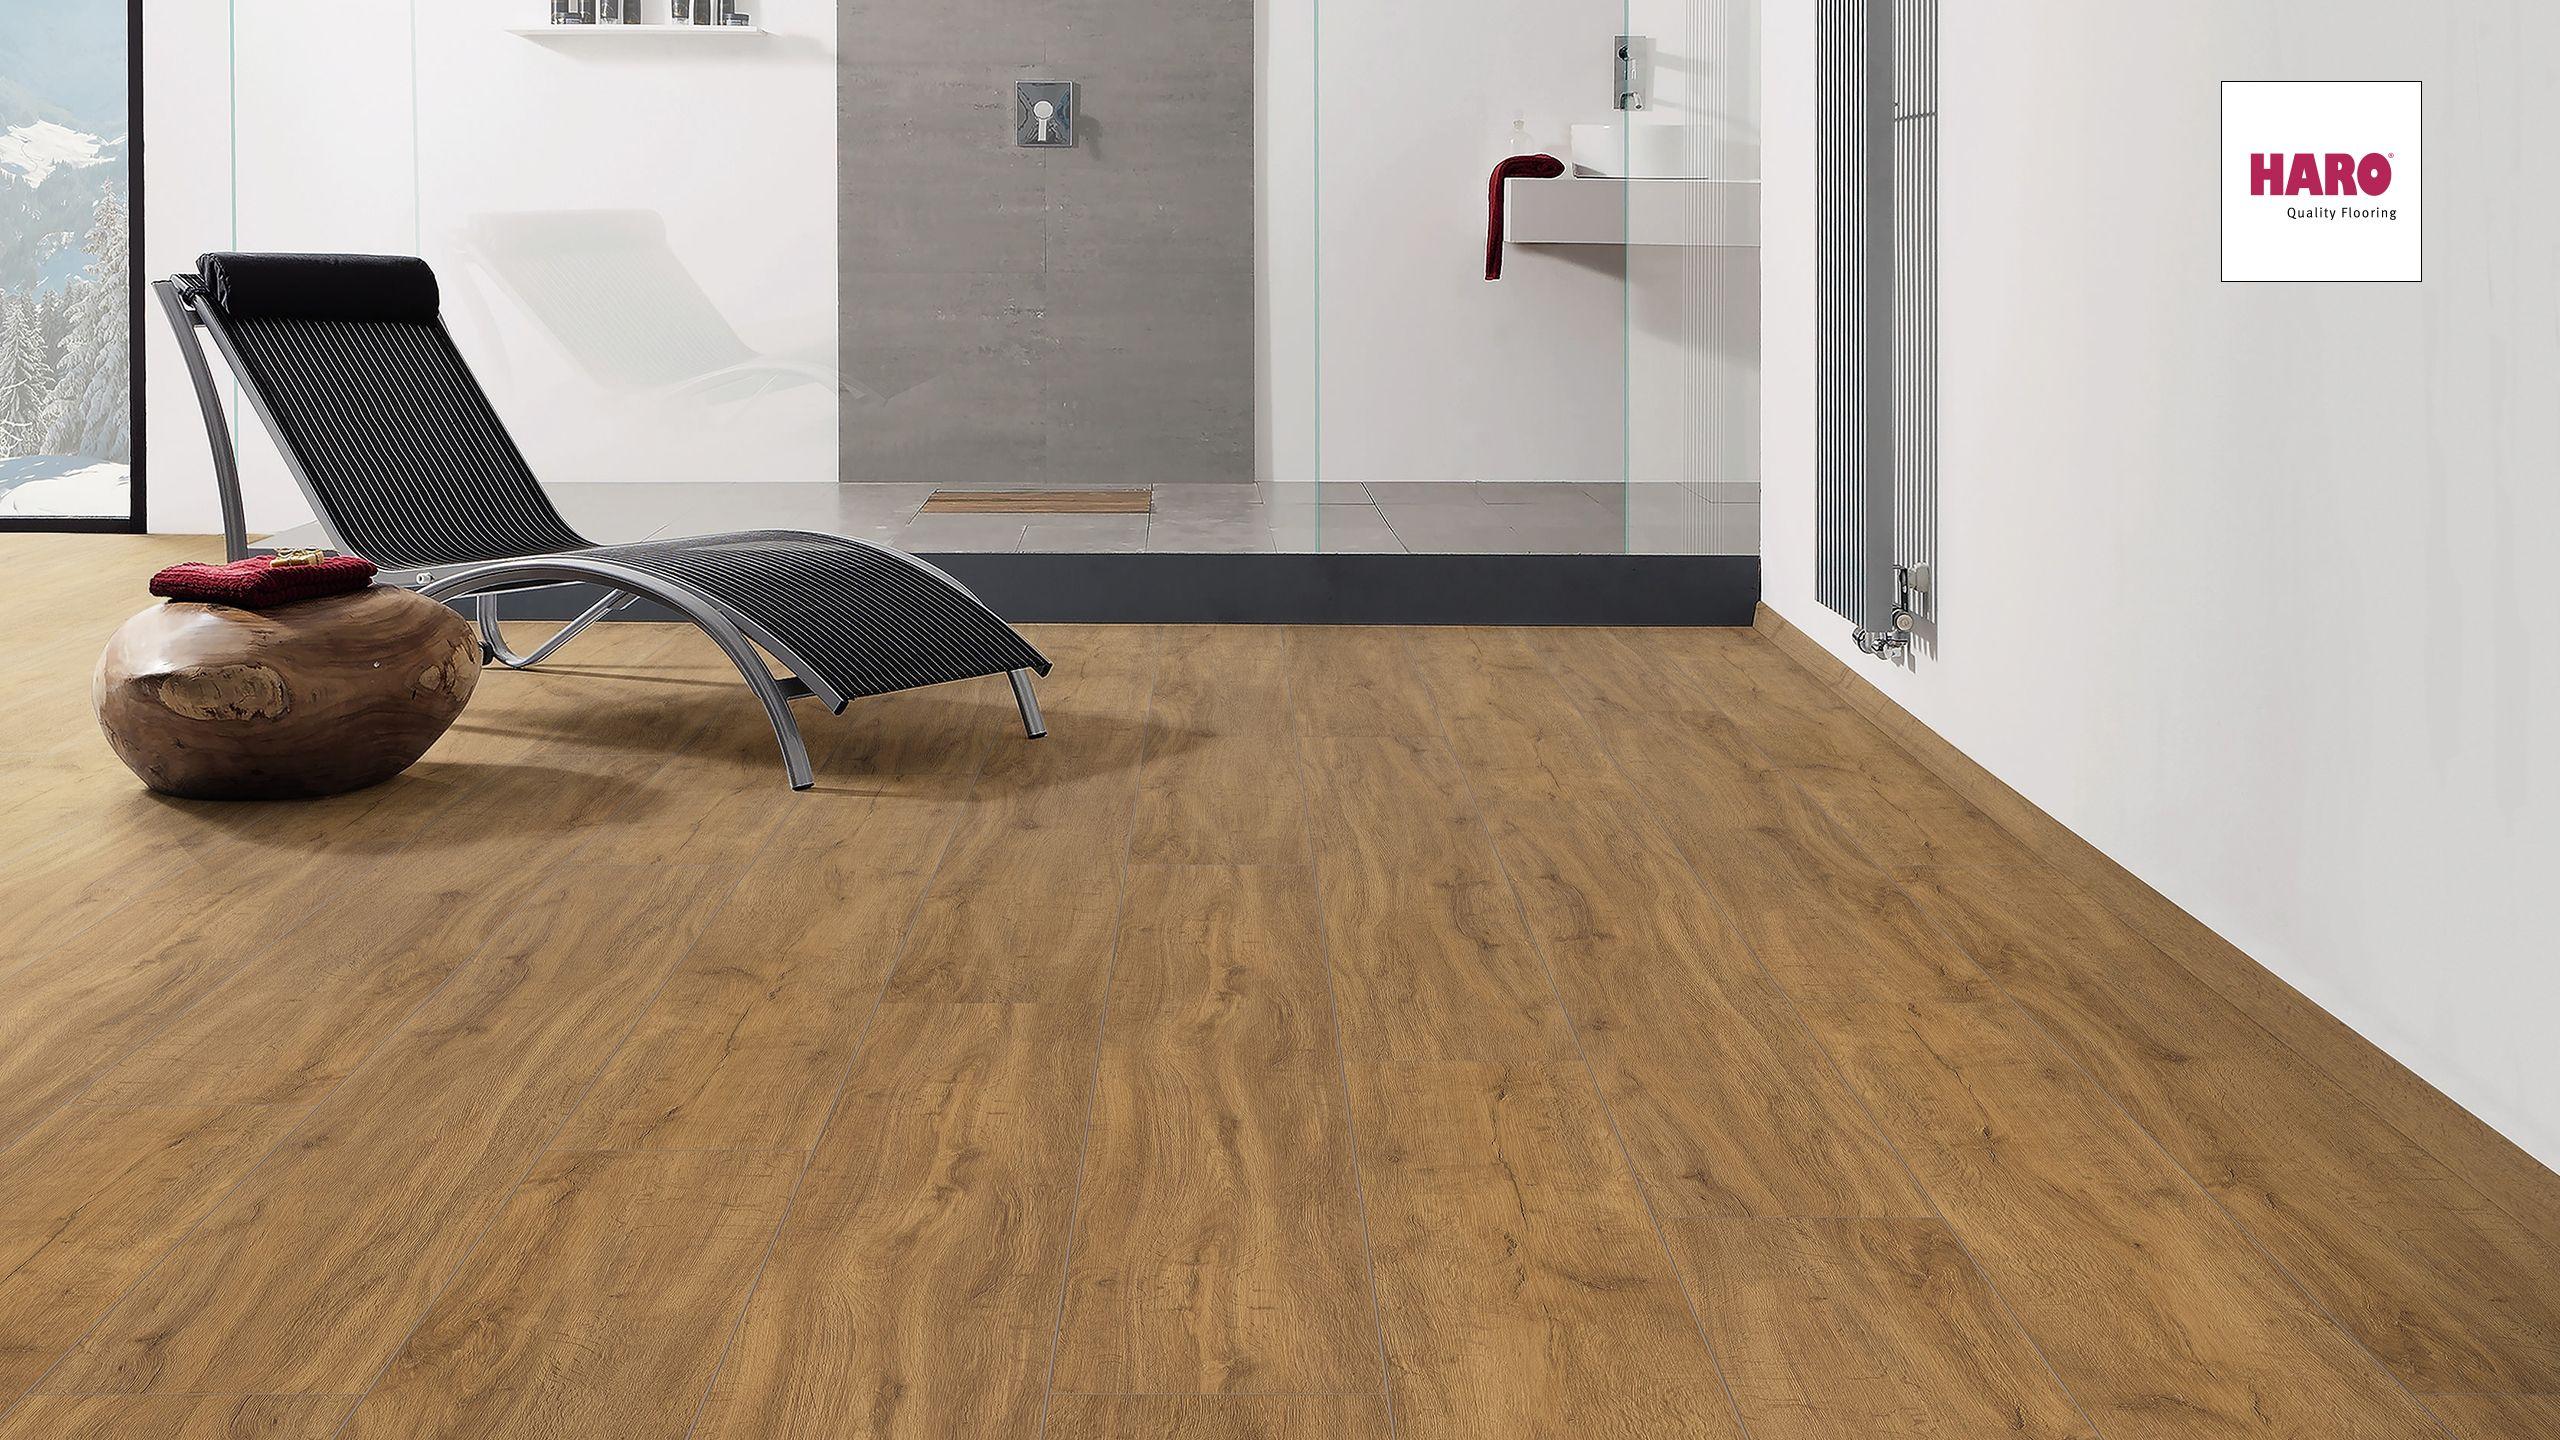 Disano Classic Aqua Designboden Bergeiche Wasserresistent Landhausdiele Xxl Strukturiert 4v Fase Gunstige Bodenbelage Haus Deko Landhausdiele